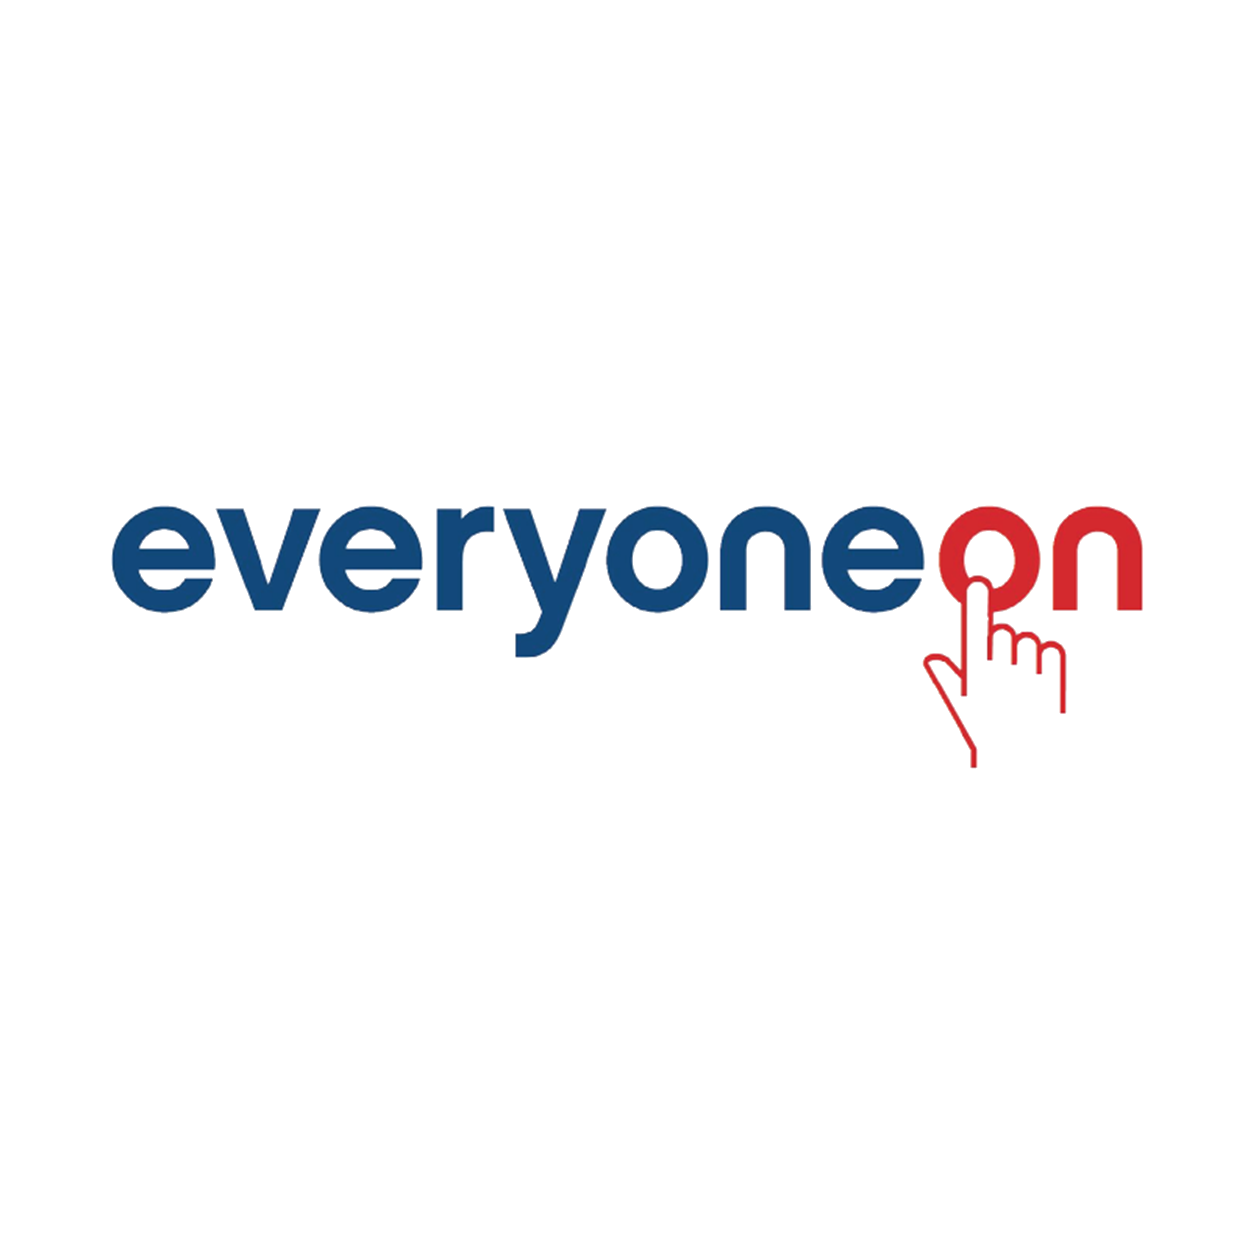 EveryoneOn